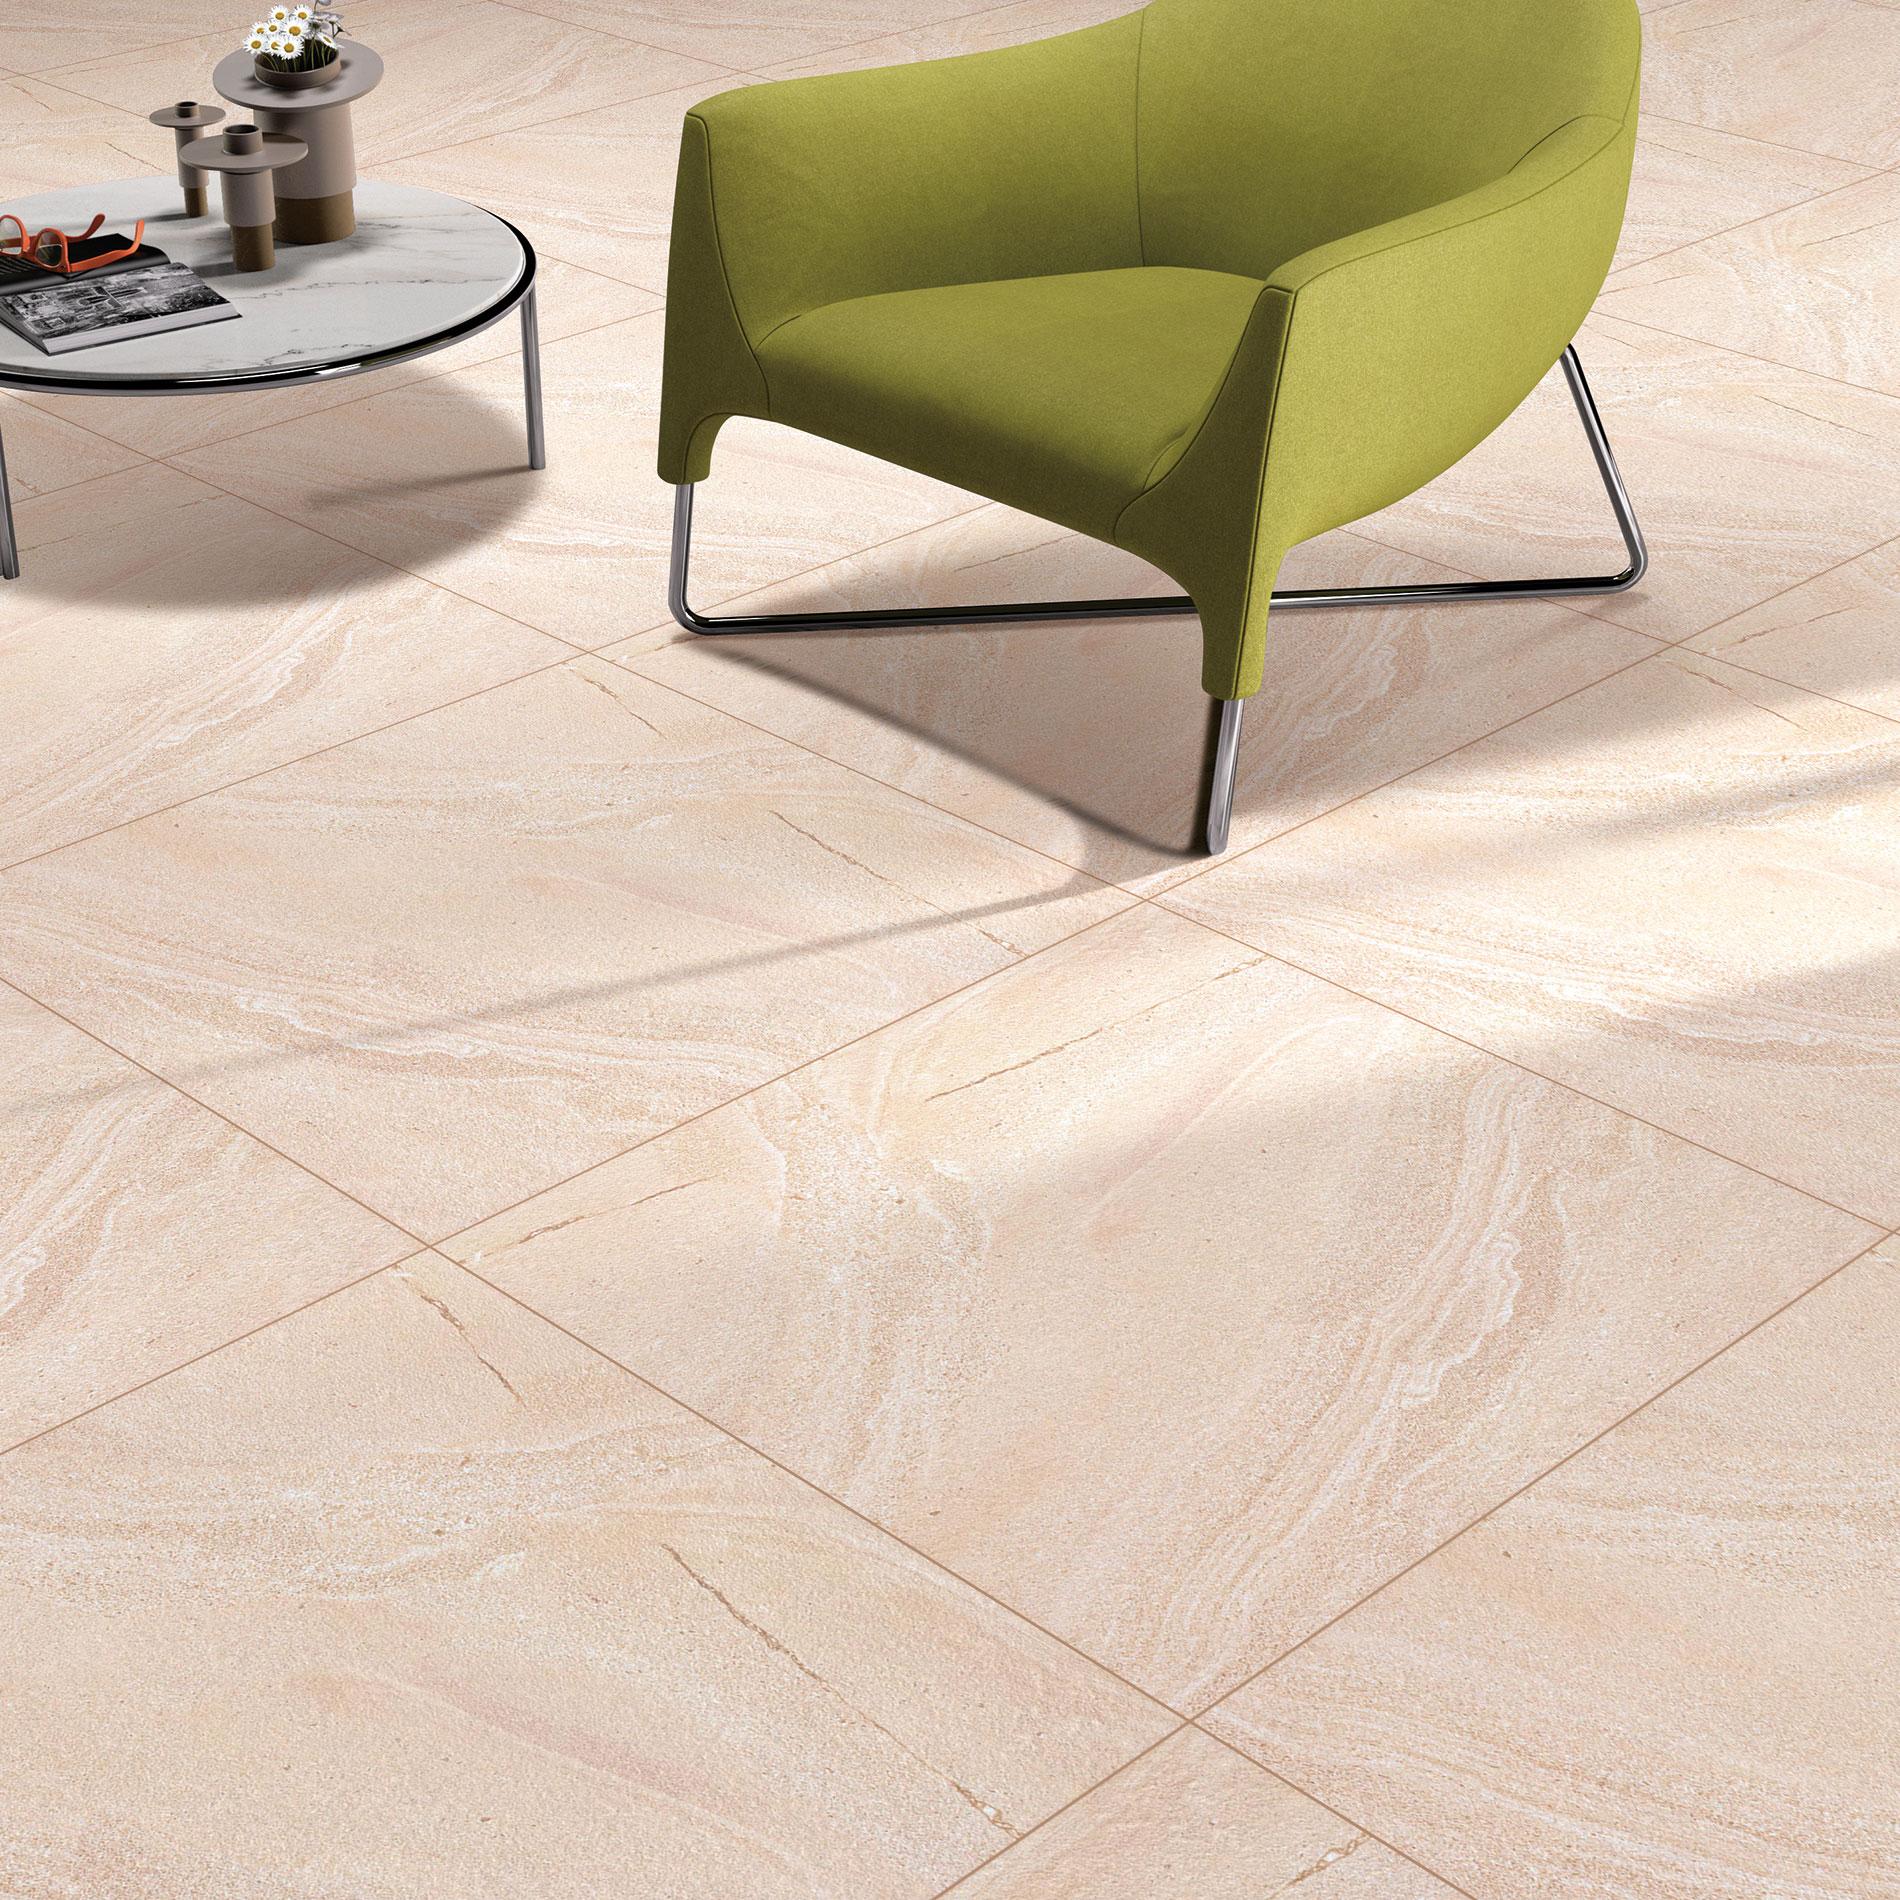 Only 19m2 Bondi Sand Swirl Look Porcelain Floor Tile